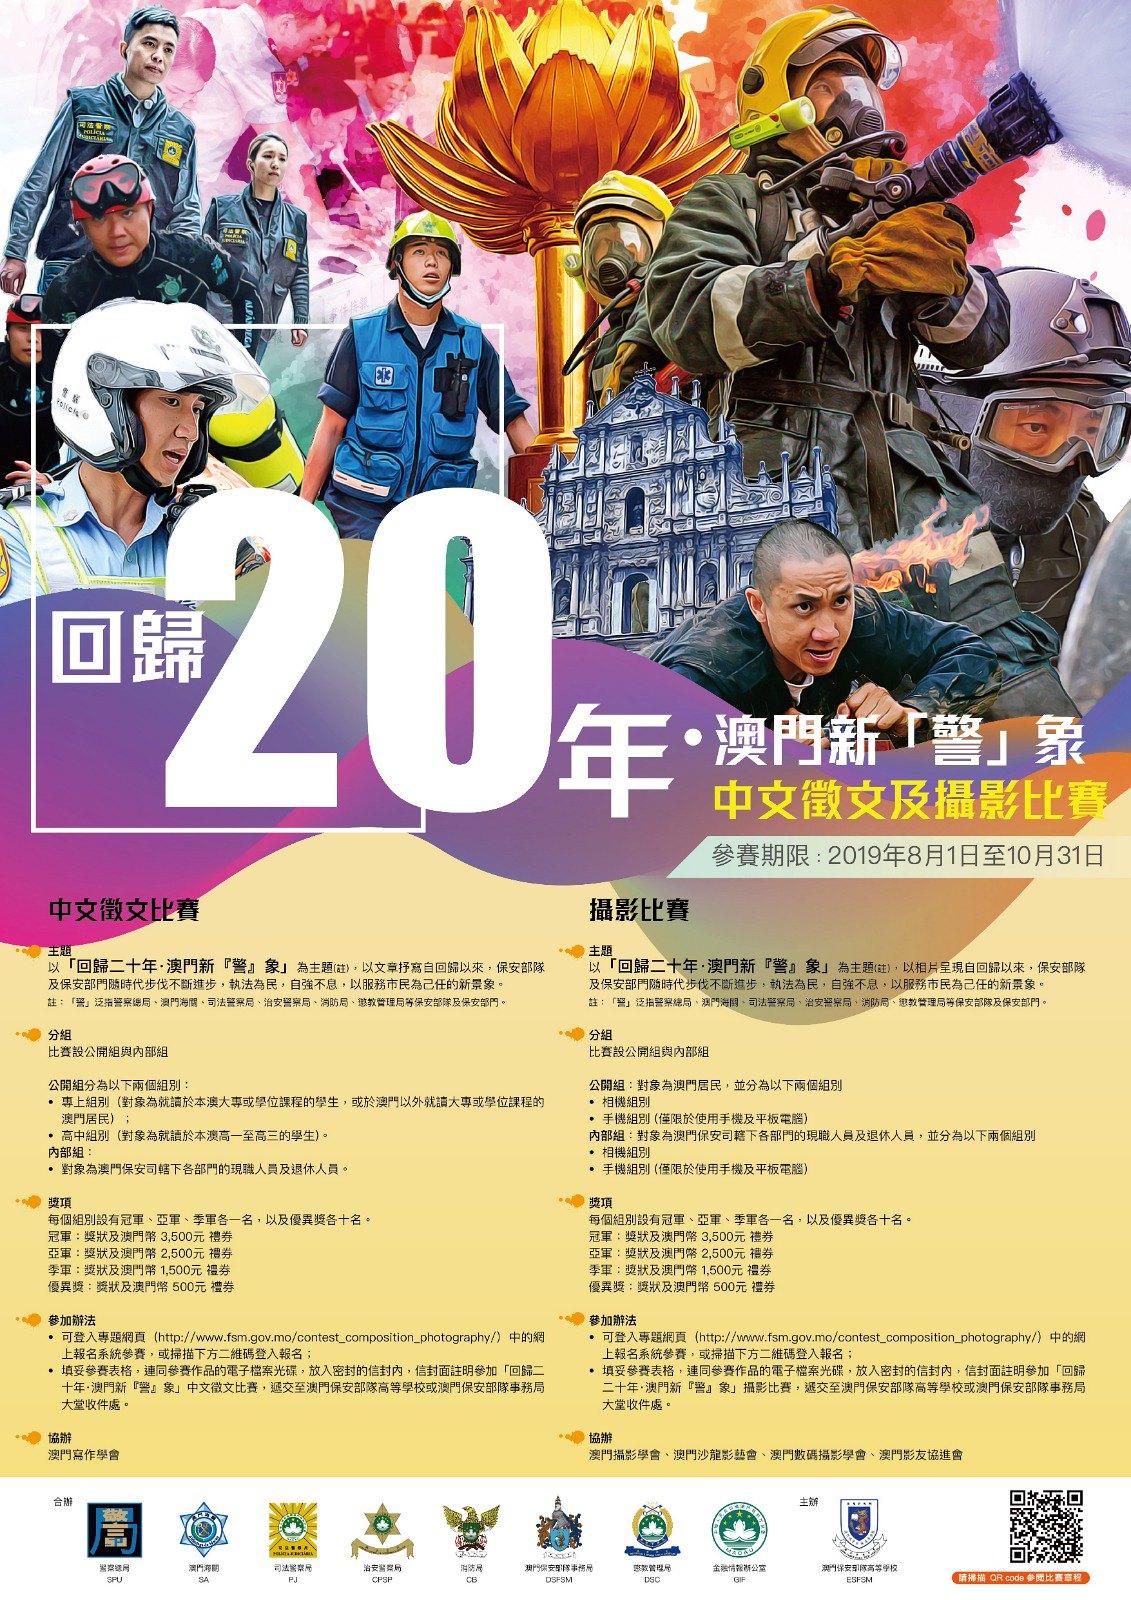 宣傳海報_中文版